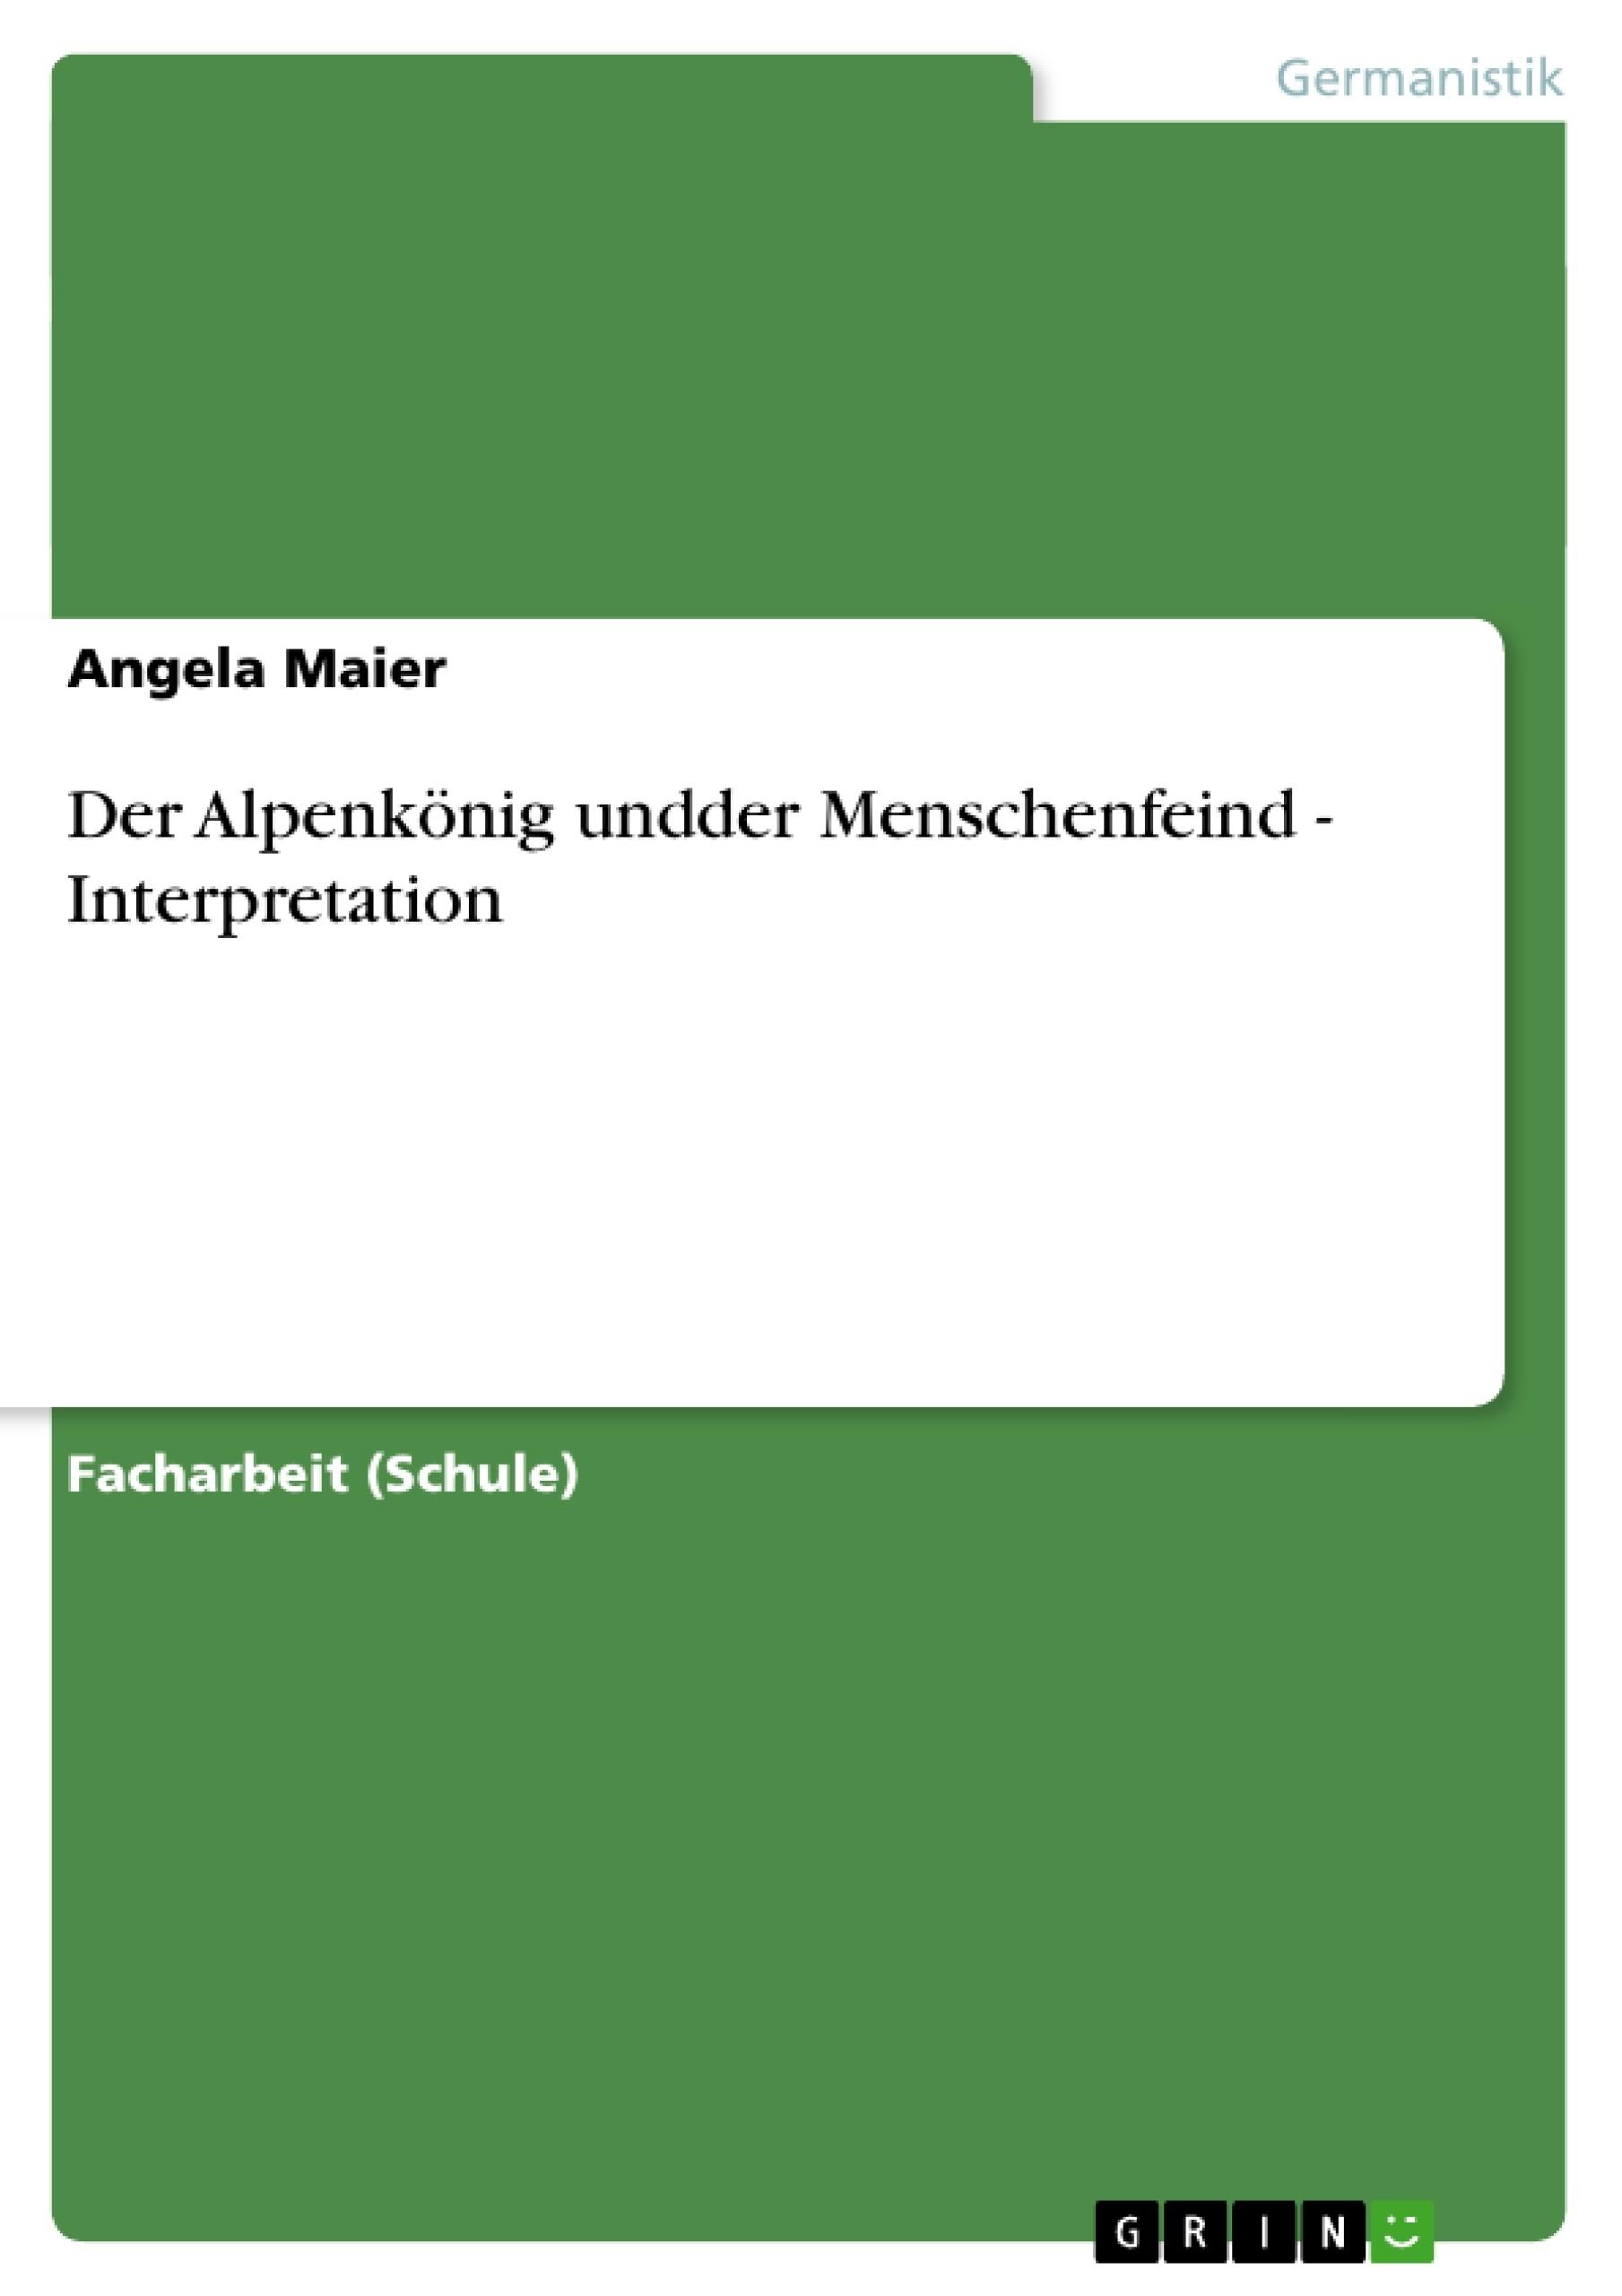 Titel: Der Alpenkönig undder Menschenfeind - Interpretation